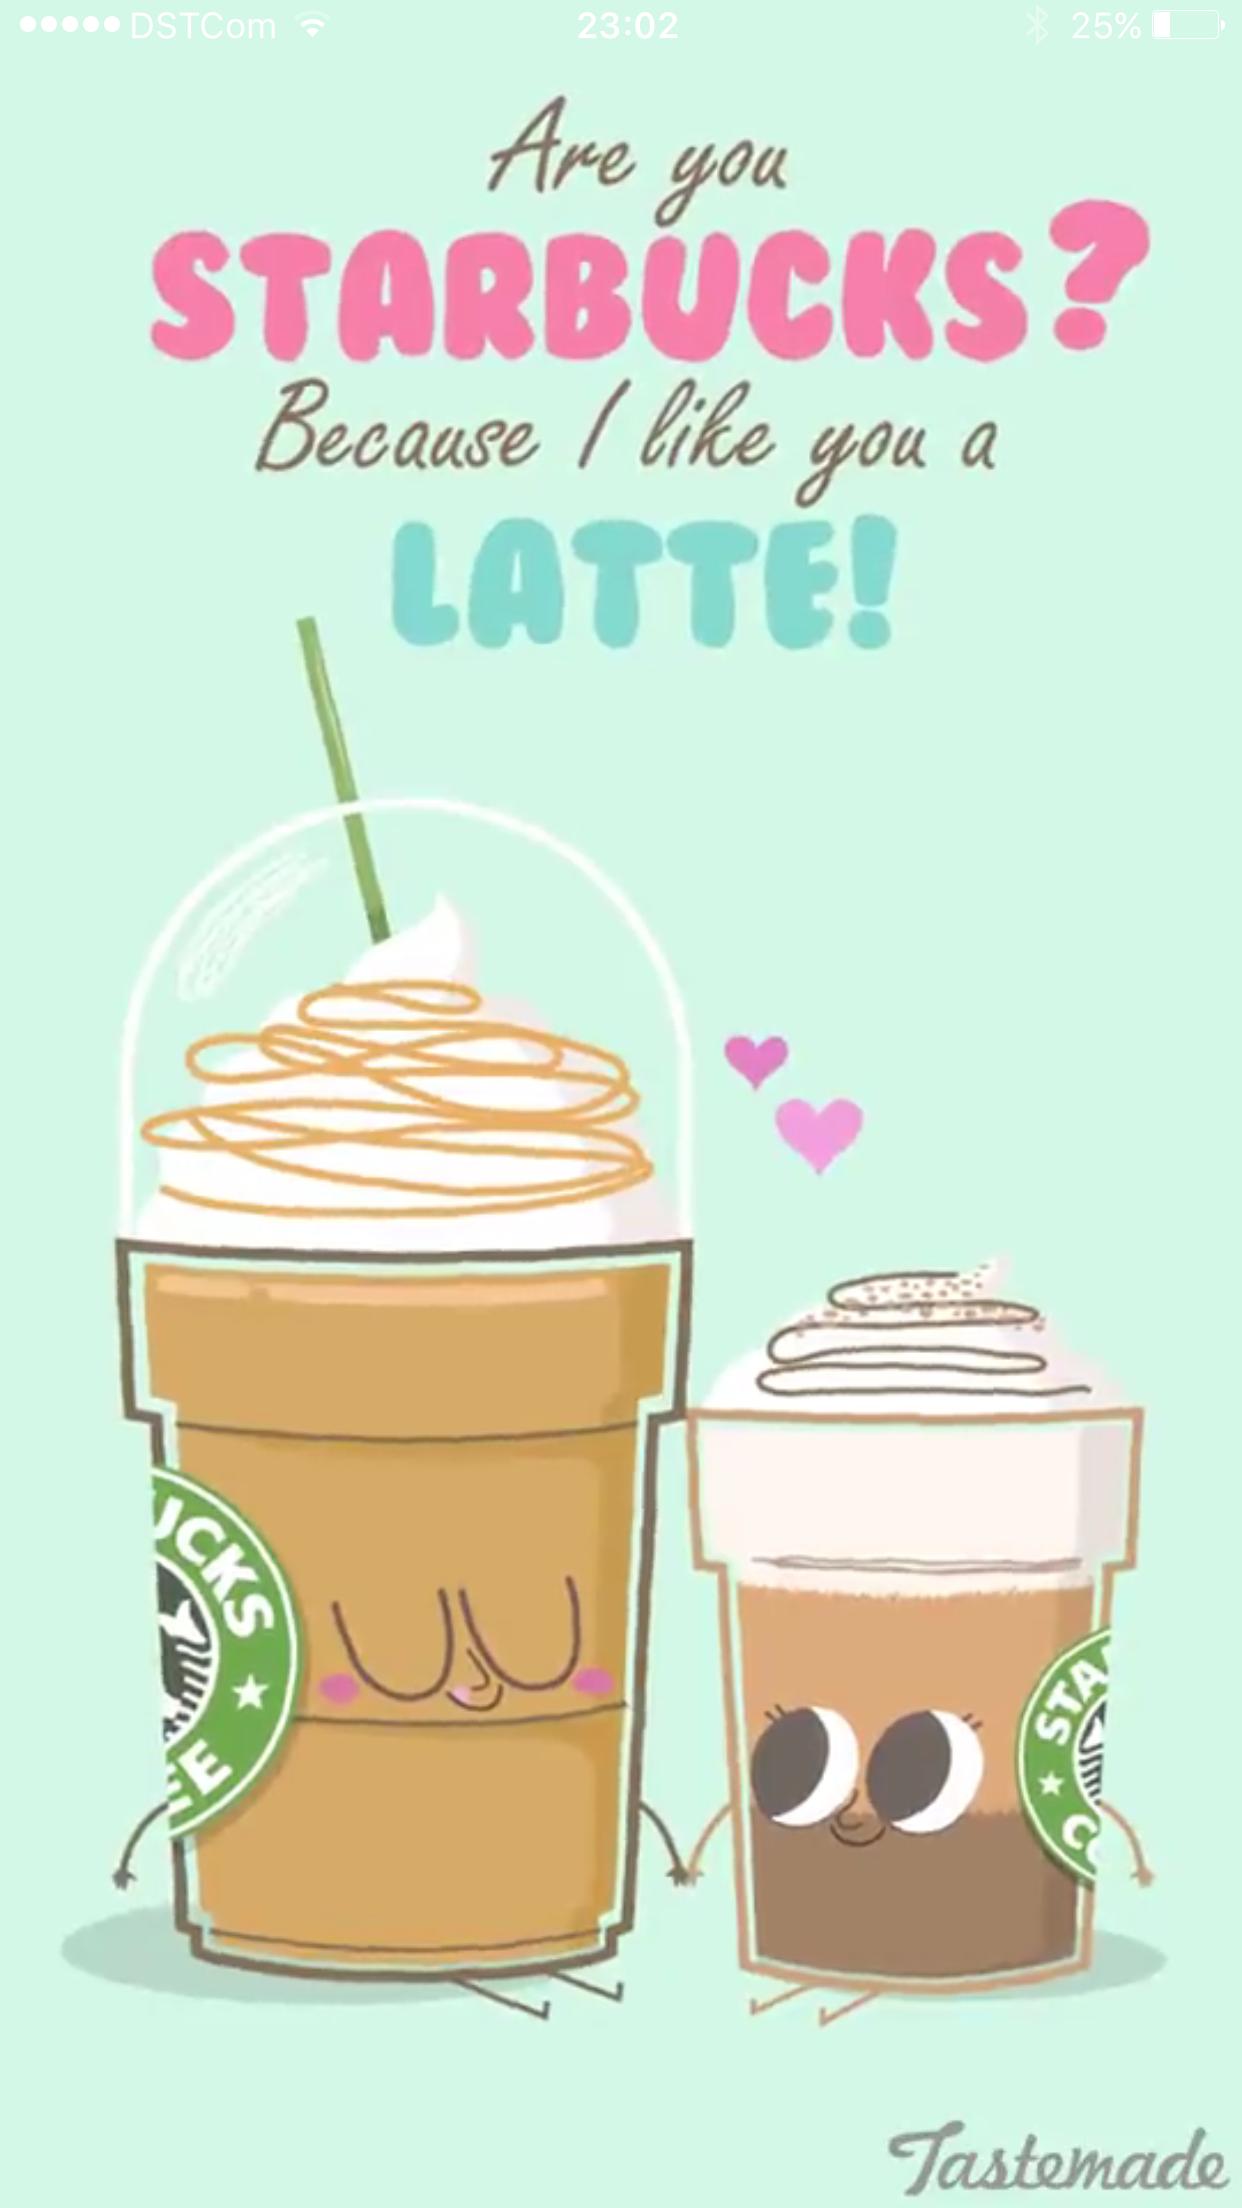 Tastemade food illustrations on snapchat | Cute jokes ...